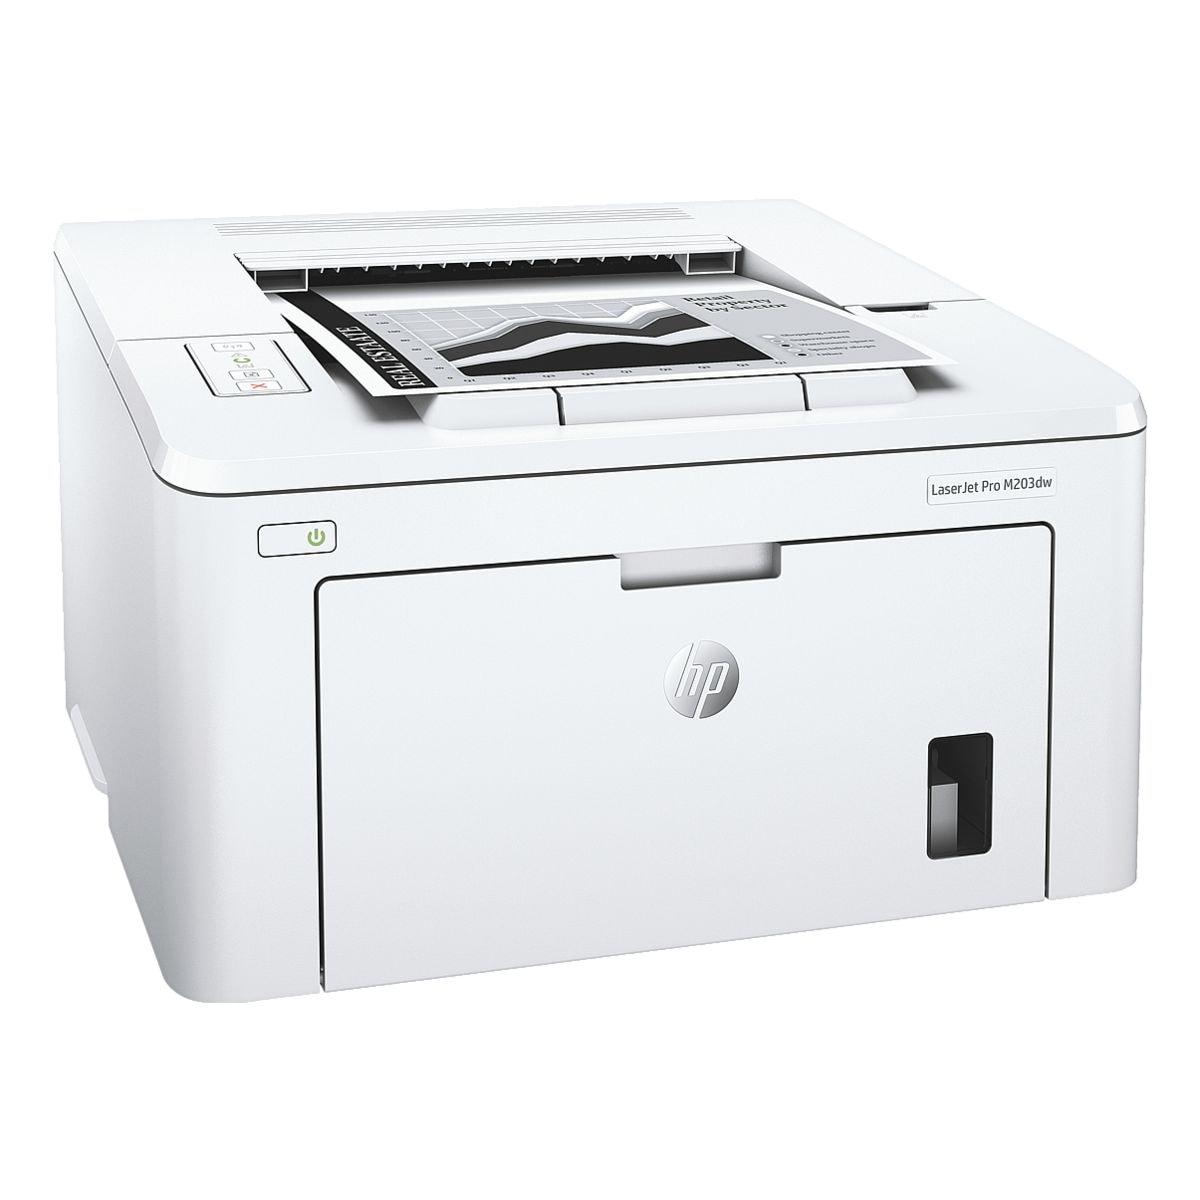 HP Laserdrucker LaserJet Pro M203dw, A4 schwarz weiß Laserdrucker, 1200 x 1200 dpi, mit LAN und WLAN